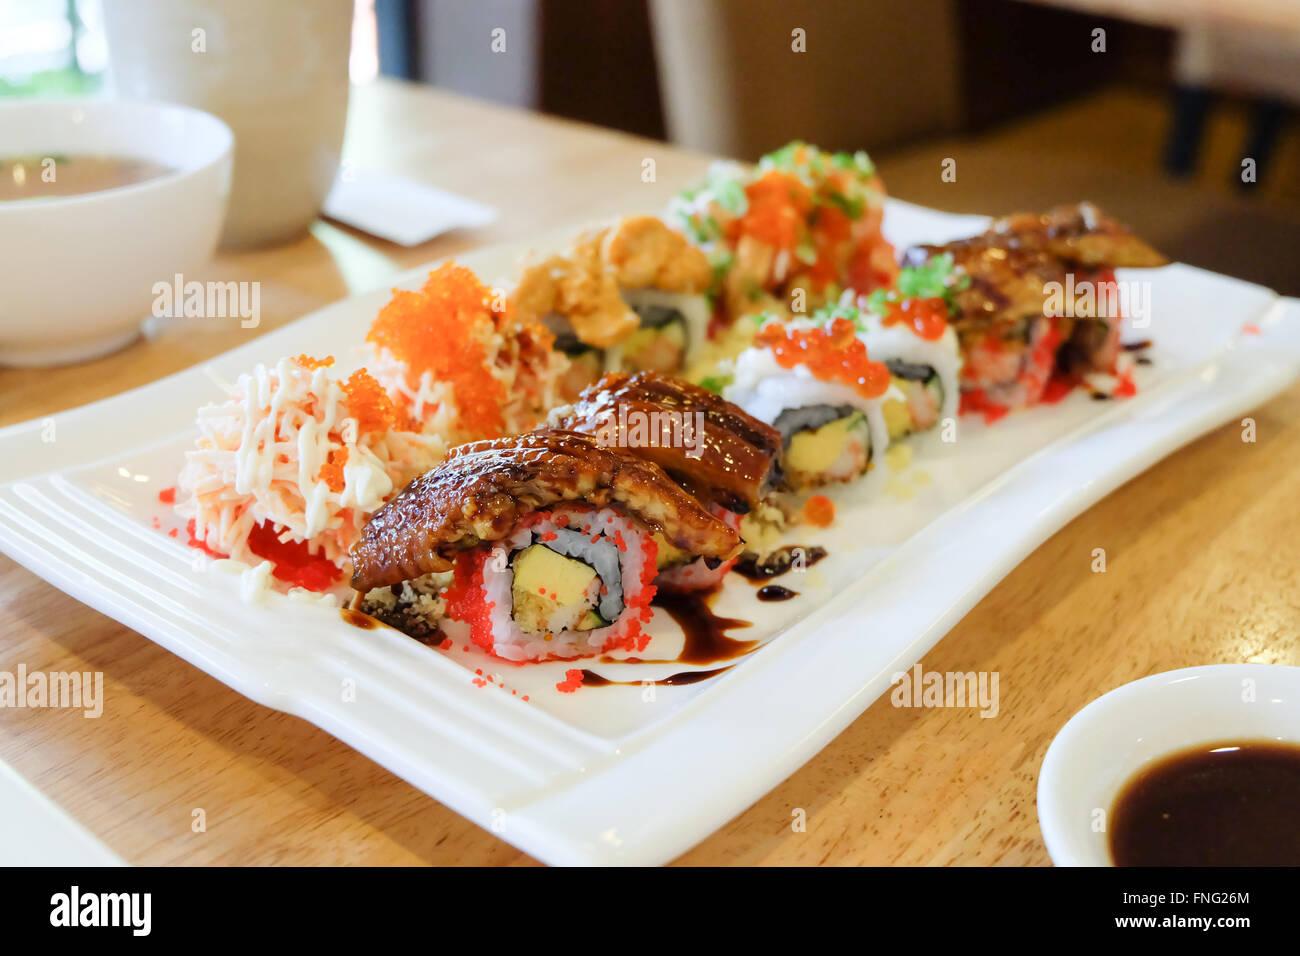 Sushi conjunto ; sushi roll con salmón y anguila ahumada Foto de stock